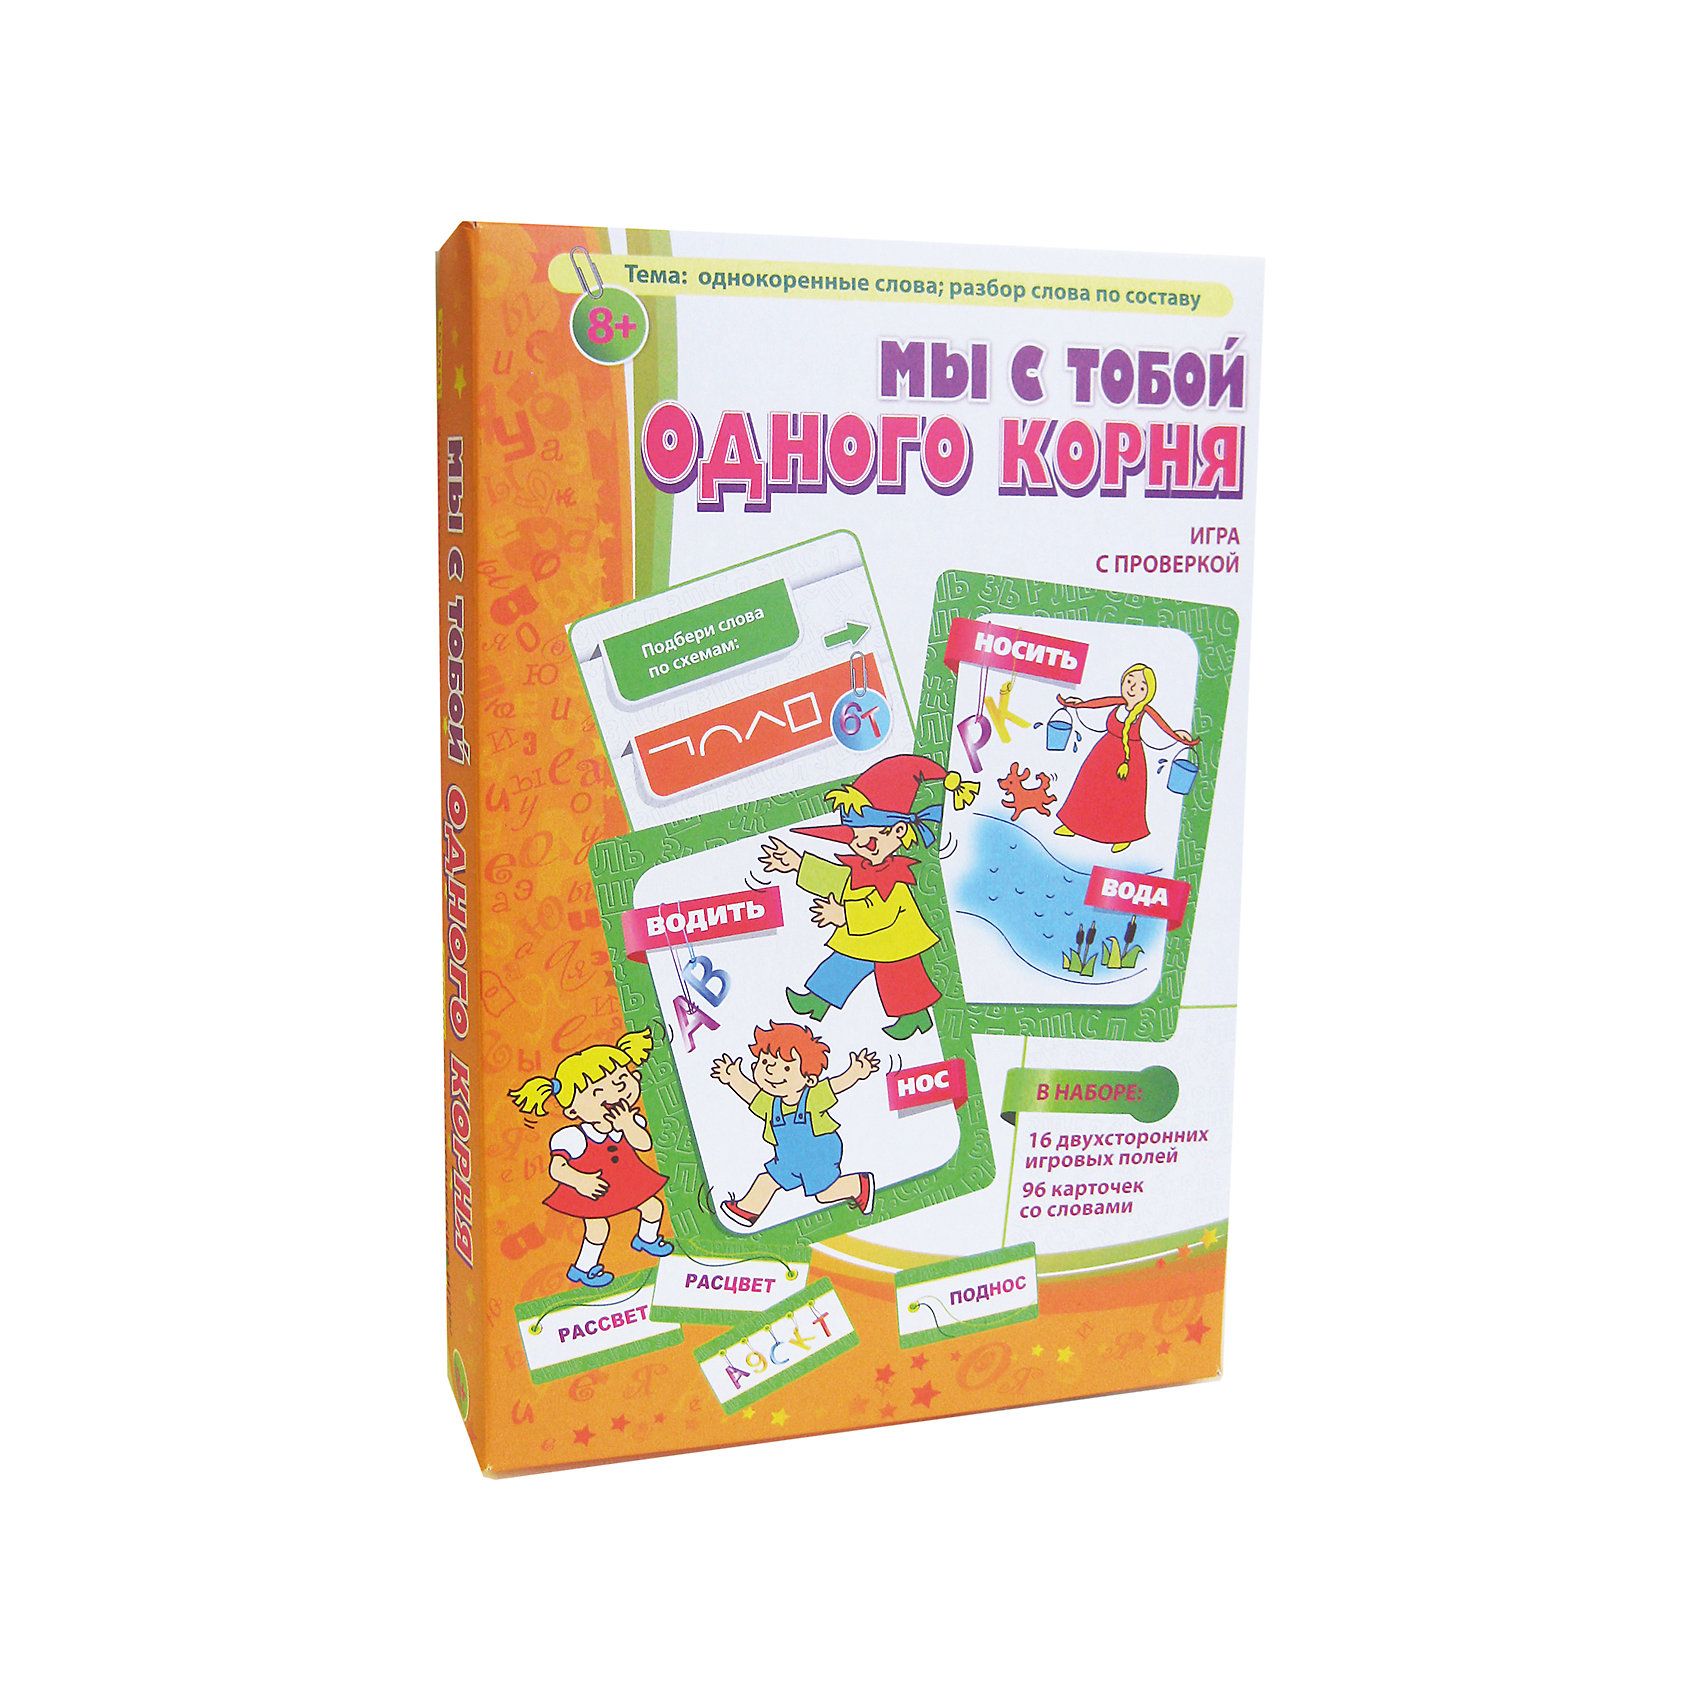 Мы с тобой одного корня!, Игротека Татьяны БарчанОбучающие карточки<br>Мы с тобой одного корня!, Игротека Татьяны Барчан.<br><br>Характеристики:<br><br>• Для детей в возрасте: от 8 до 12 лет<br>• В комплекте: 16 двухсторонних игровых полей с сюжетами (13х10 см.), 96 карточек со словами (7х4 см.), инструкция<br>• Темы: Однокоренные слова. Разбор слова по составу<br>• Материал: плотный качественный картон<br>• Производитель: ЦОТР Ребус (Россия)<br>• Упаковка: картонная коробка<br>• Размер упаковки: 270х180х45 мм.<br>• Вес: 440 гр.<br><br>За смешными картинками в этой игре стоит очень трудные и важные темы: однокоренные слова, омонимичные корни слов, разбор слова по составу. Но опора на зрительное восприятие значительно облегчит понимание значения слова. <br><br>Игра многоуровневая. Для начала можно взять простые, доступные задания, например: найти корни в словах «рассвет» и «расцвет». И положить карточки рядом с соответствующими словами на игровых полях. Перевернув каточки со словами, можно проверить свой выбор по «коду», состоящему из двух букв. <br><br>Другой вариант игры – Составь слова потребует от детей максимального внимания. Ребятам предстоит подобрать к имеющимся у них схемам подходящие слова. Игровые задания помогут детям обогатить словарный запас, развить внимание и логическое мышление.<br><br>Игру Мы с тобой одного корня!, Игротека Татьяны Барчан можно купить в нашем интернет-магазине.<br><br>Ширина мм: 270<br>Глубина мм: 180<br>Высота мм: 40<br>Вес г: 436<br>Возраст от месяцев: 96<br>Возраст до месяцев: 144<br>Пол: Унисекс<br>Возраст: Детский<br>SKU: 6751332